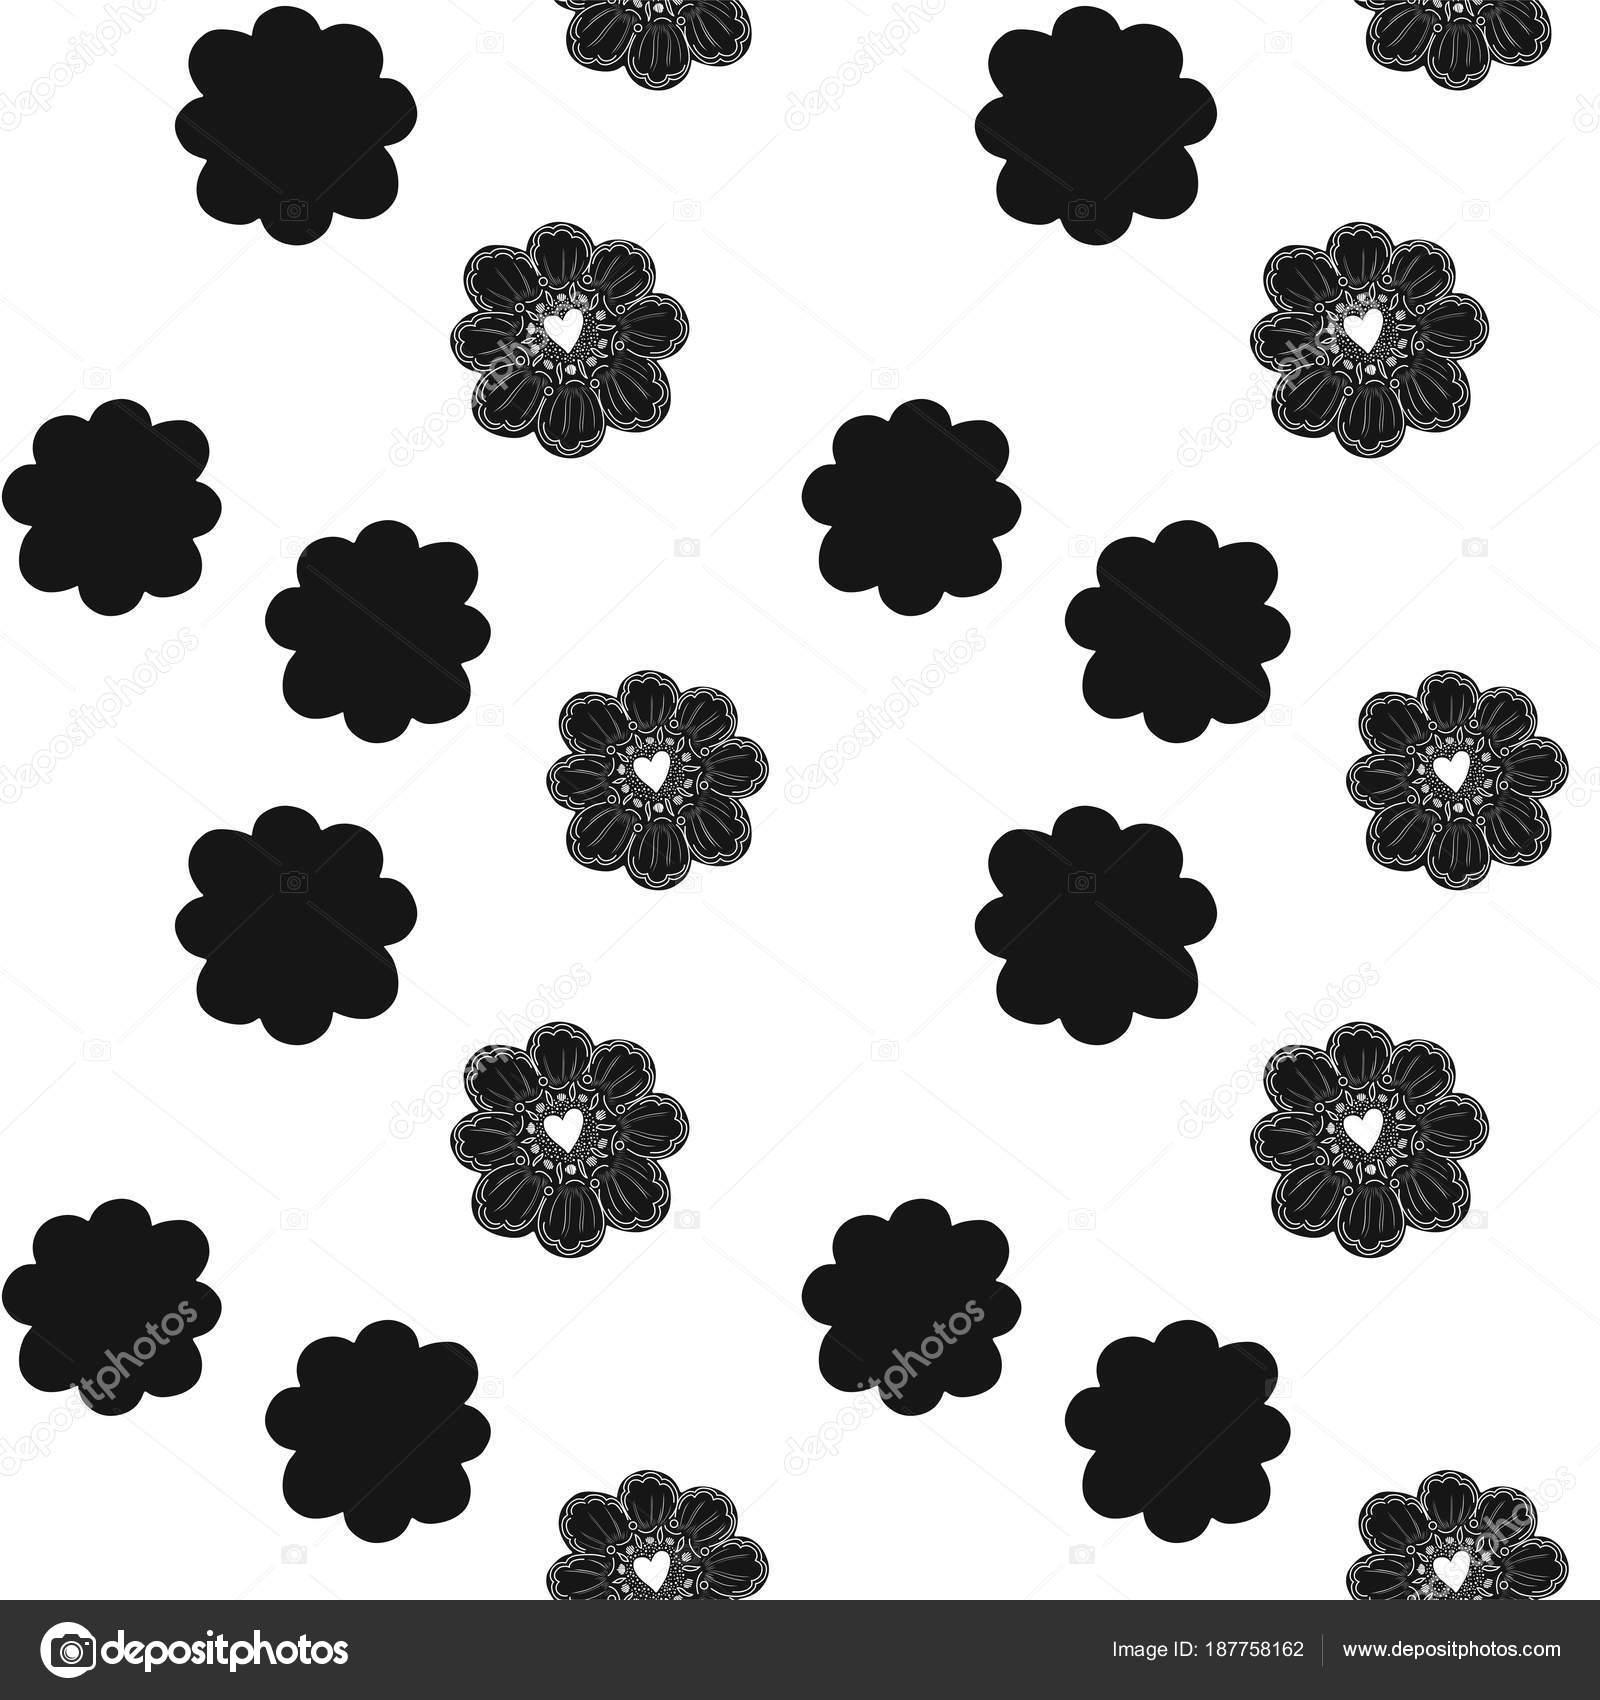 Nahtlose Muster. Einfache Blume Element. Doodle-Dekoration. Einfach ...